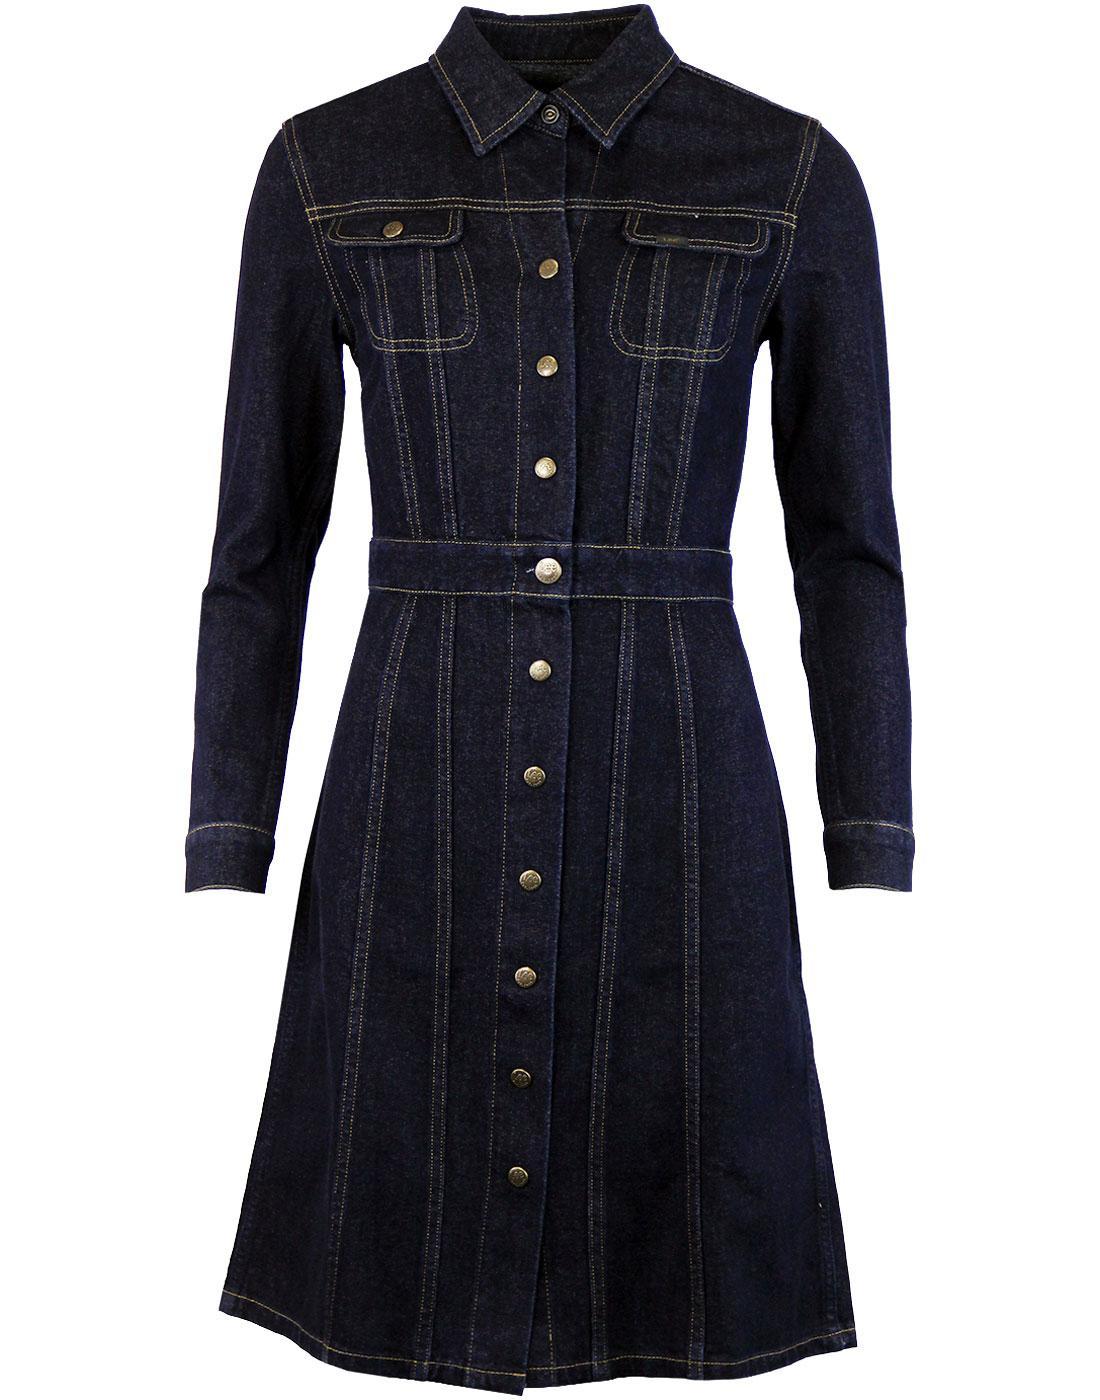 LEE Retro 70s Collared Indigo Rinse Denim Dress